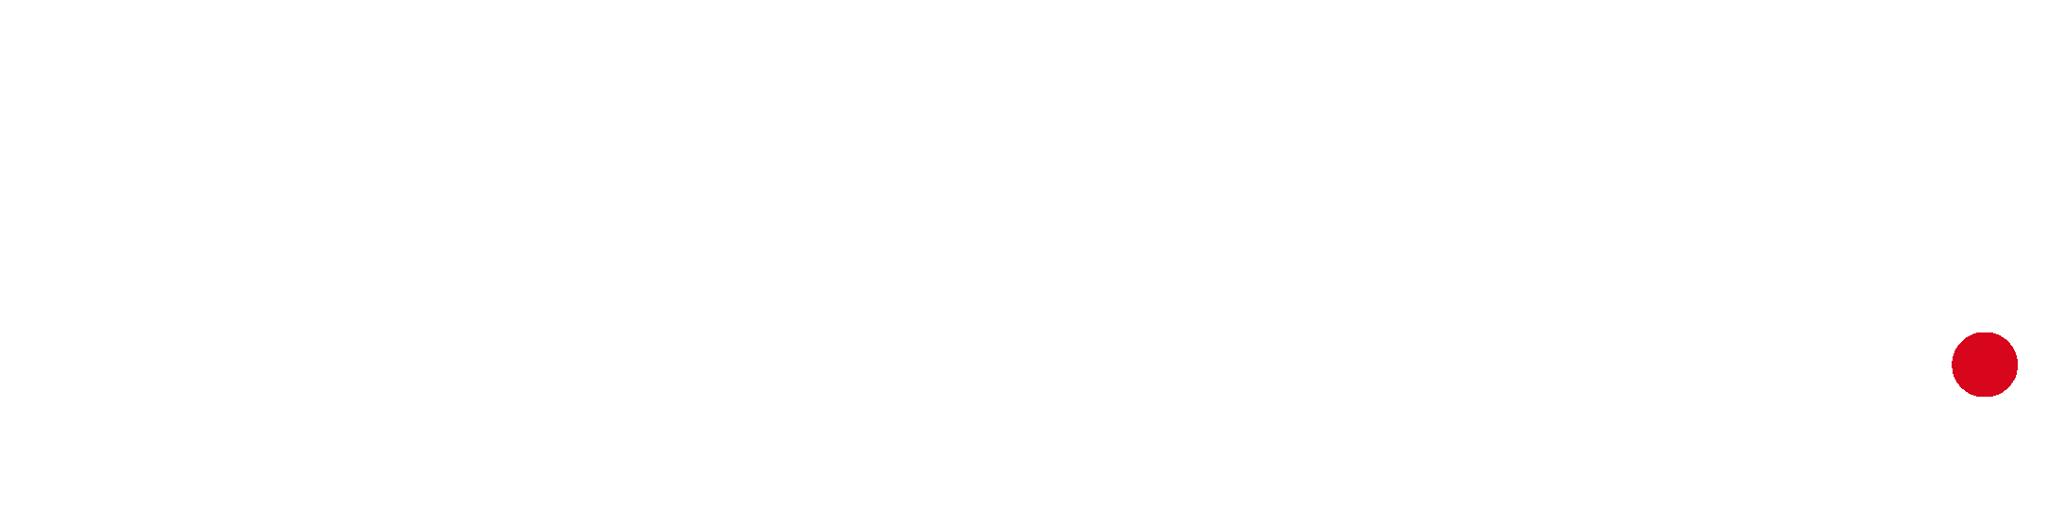 ListedBy